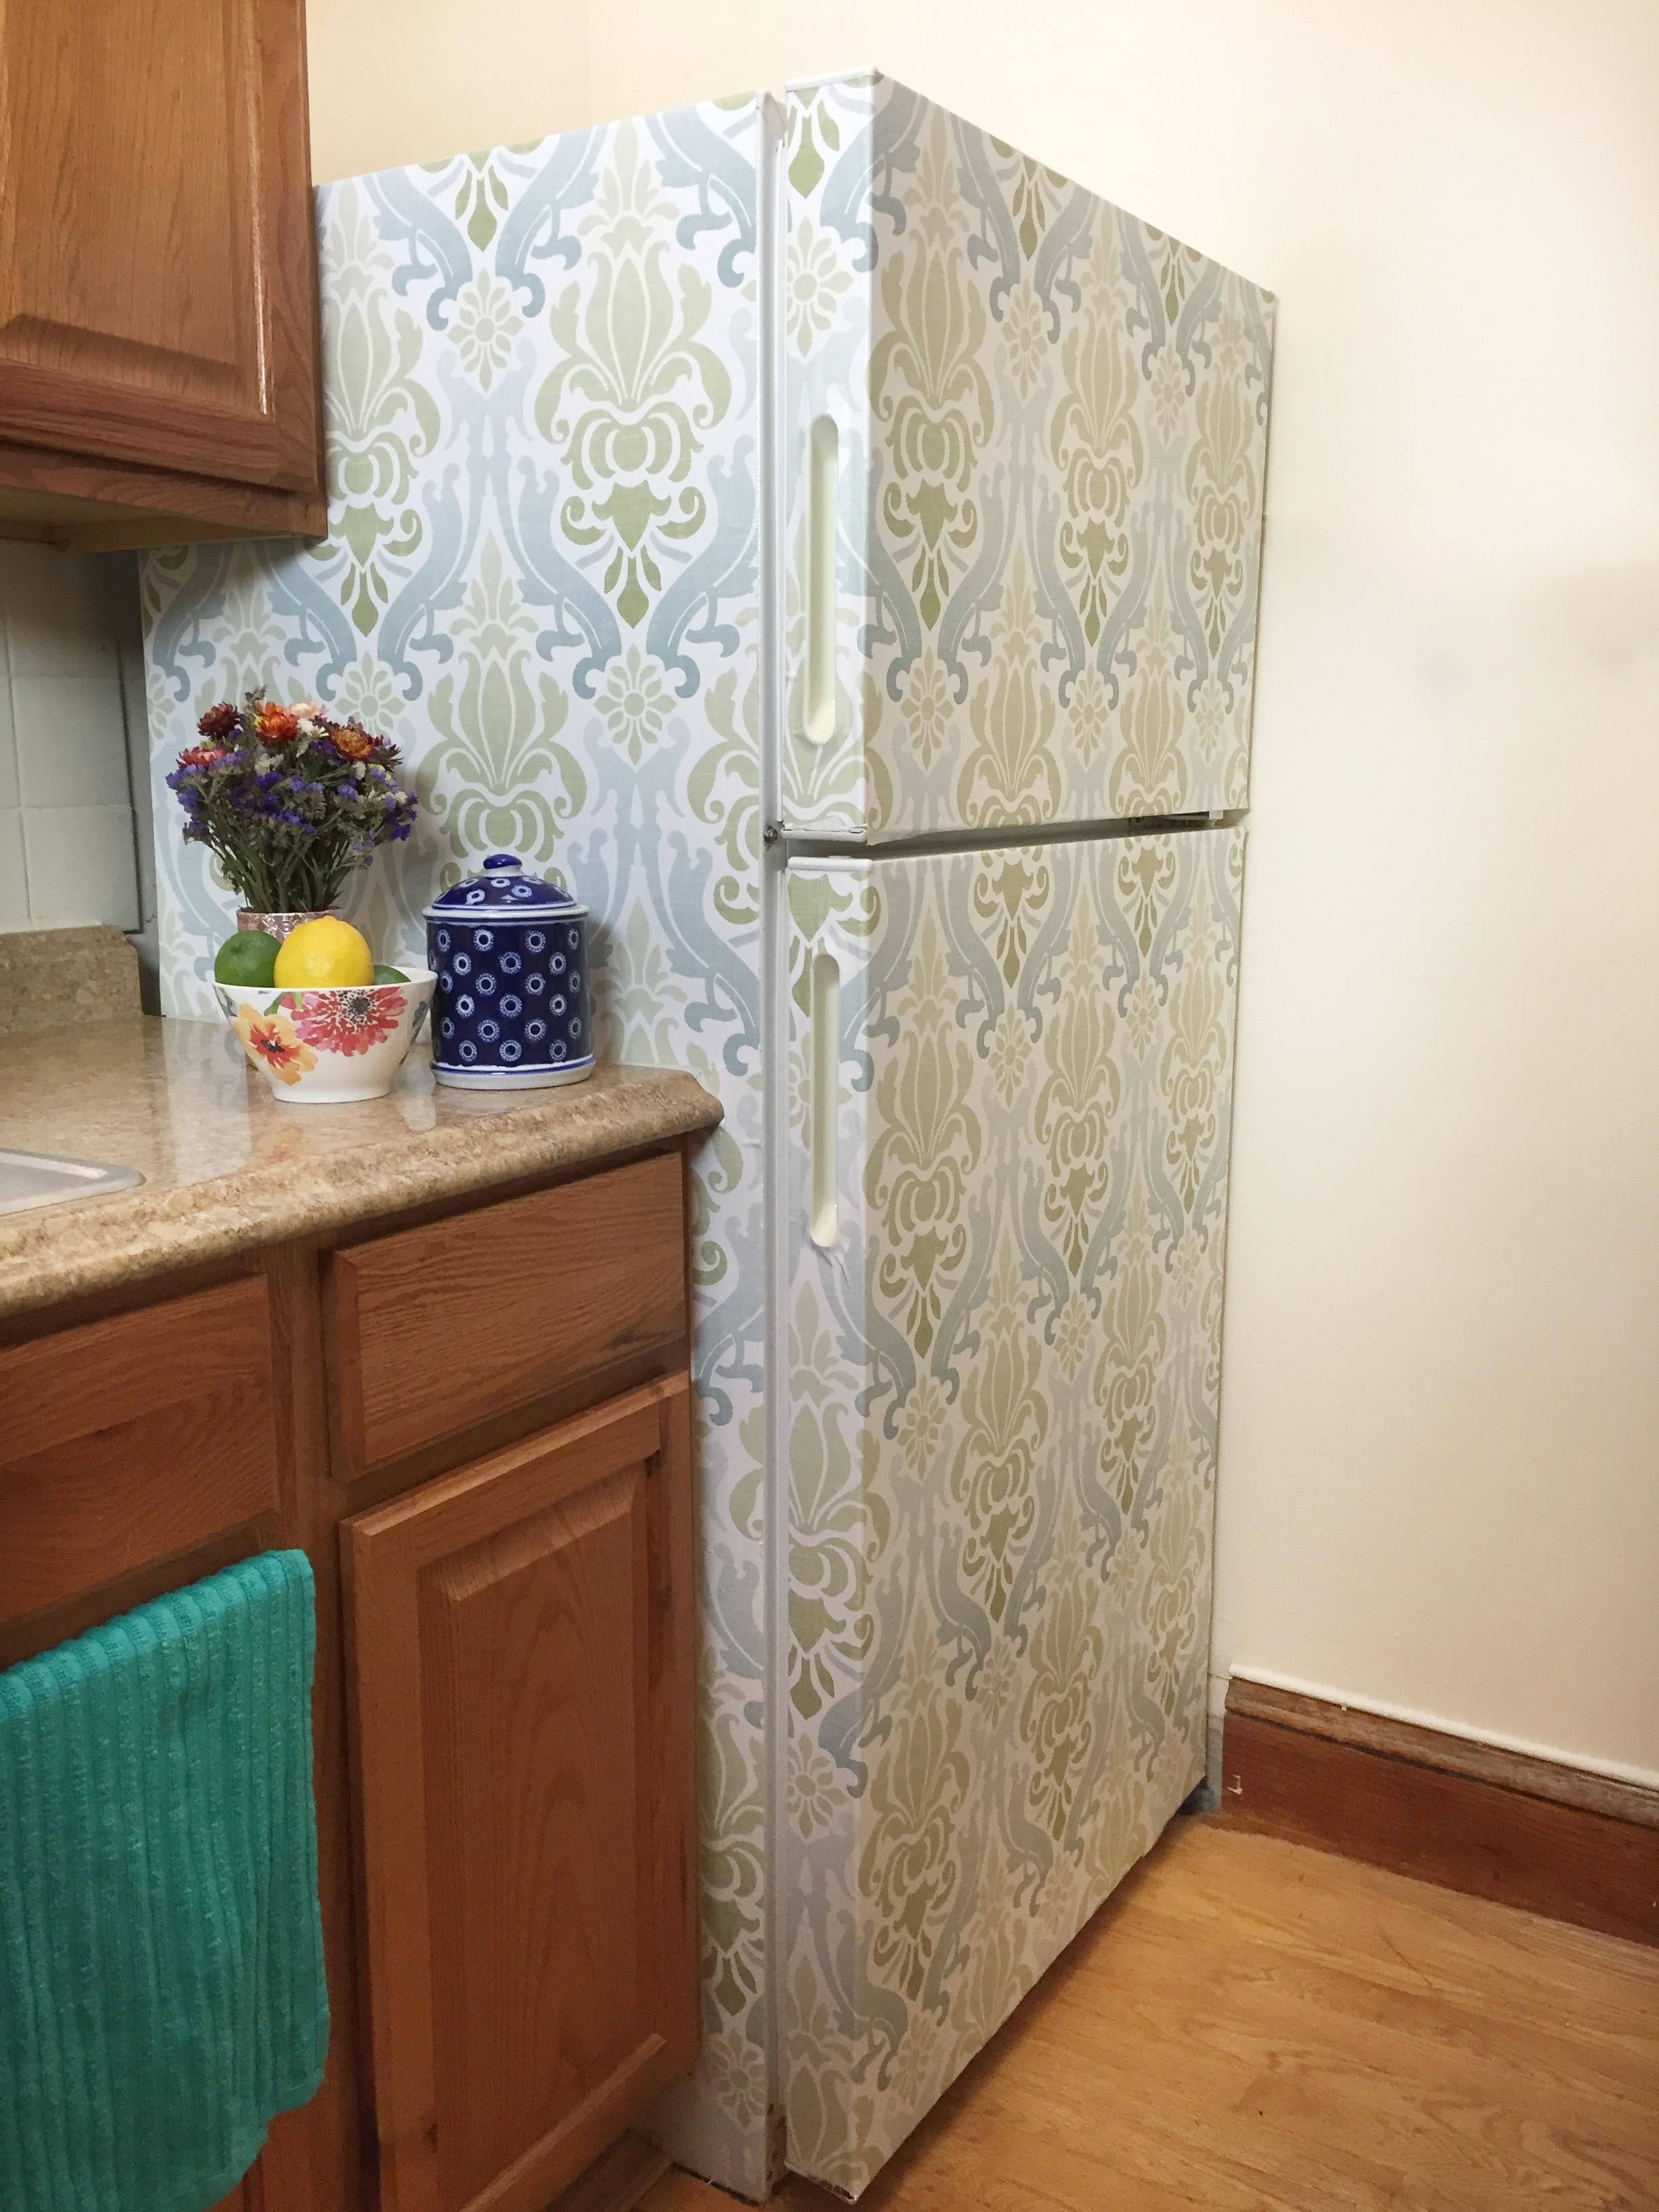 refrigerator update